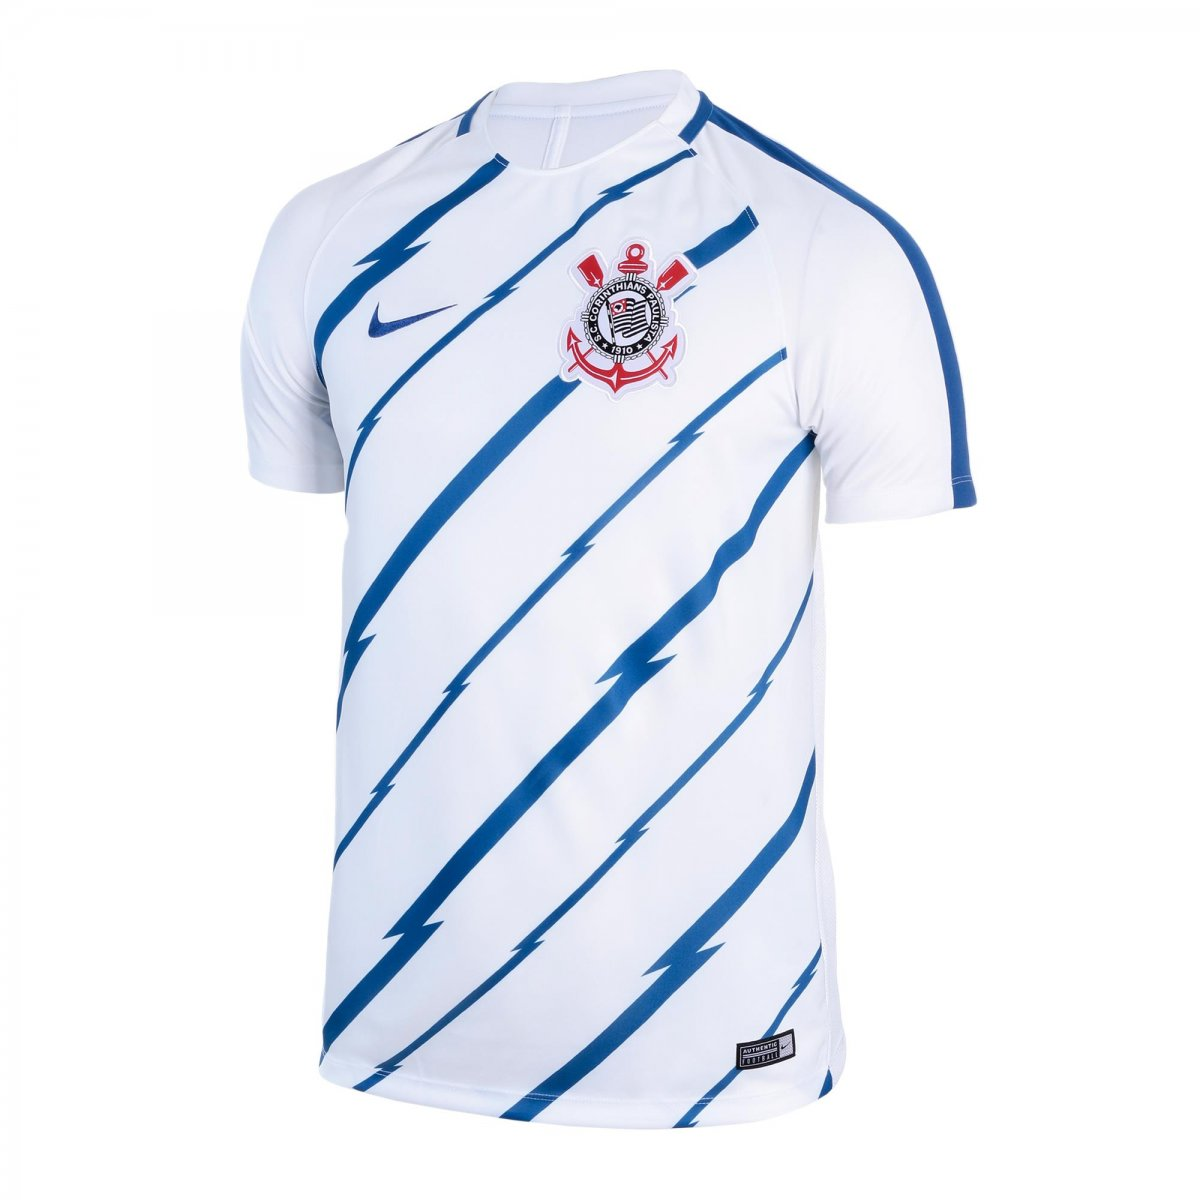 3bd2d41327 Amplie a imagem. Camiseta Nike Corinthians Dry Squad Top Masculina  Camiseta  Nike Corinthians ...